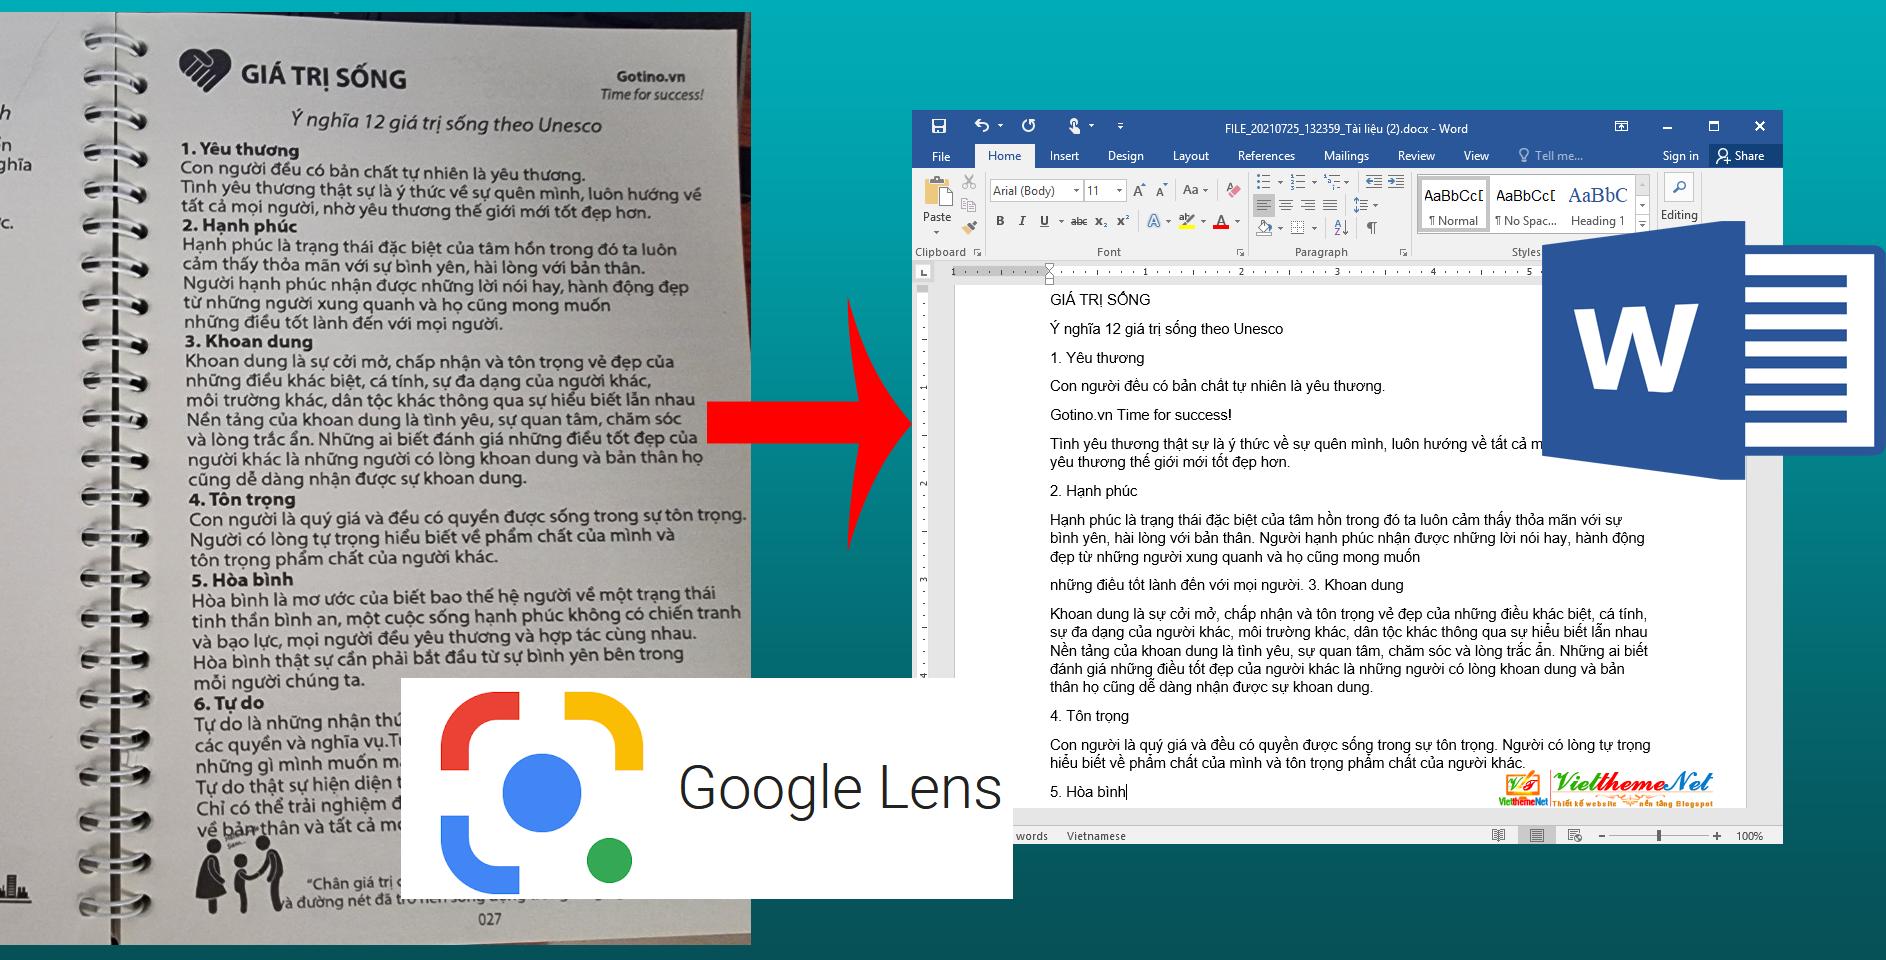 Cách chuyển văn bản giấy hay nội dung một quyển sách thành file Word chỉ trong tít tắt với Google Lens